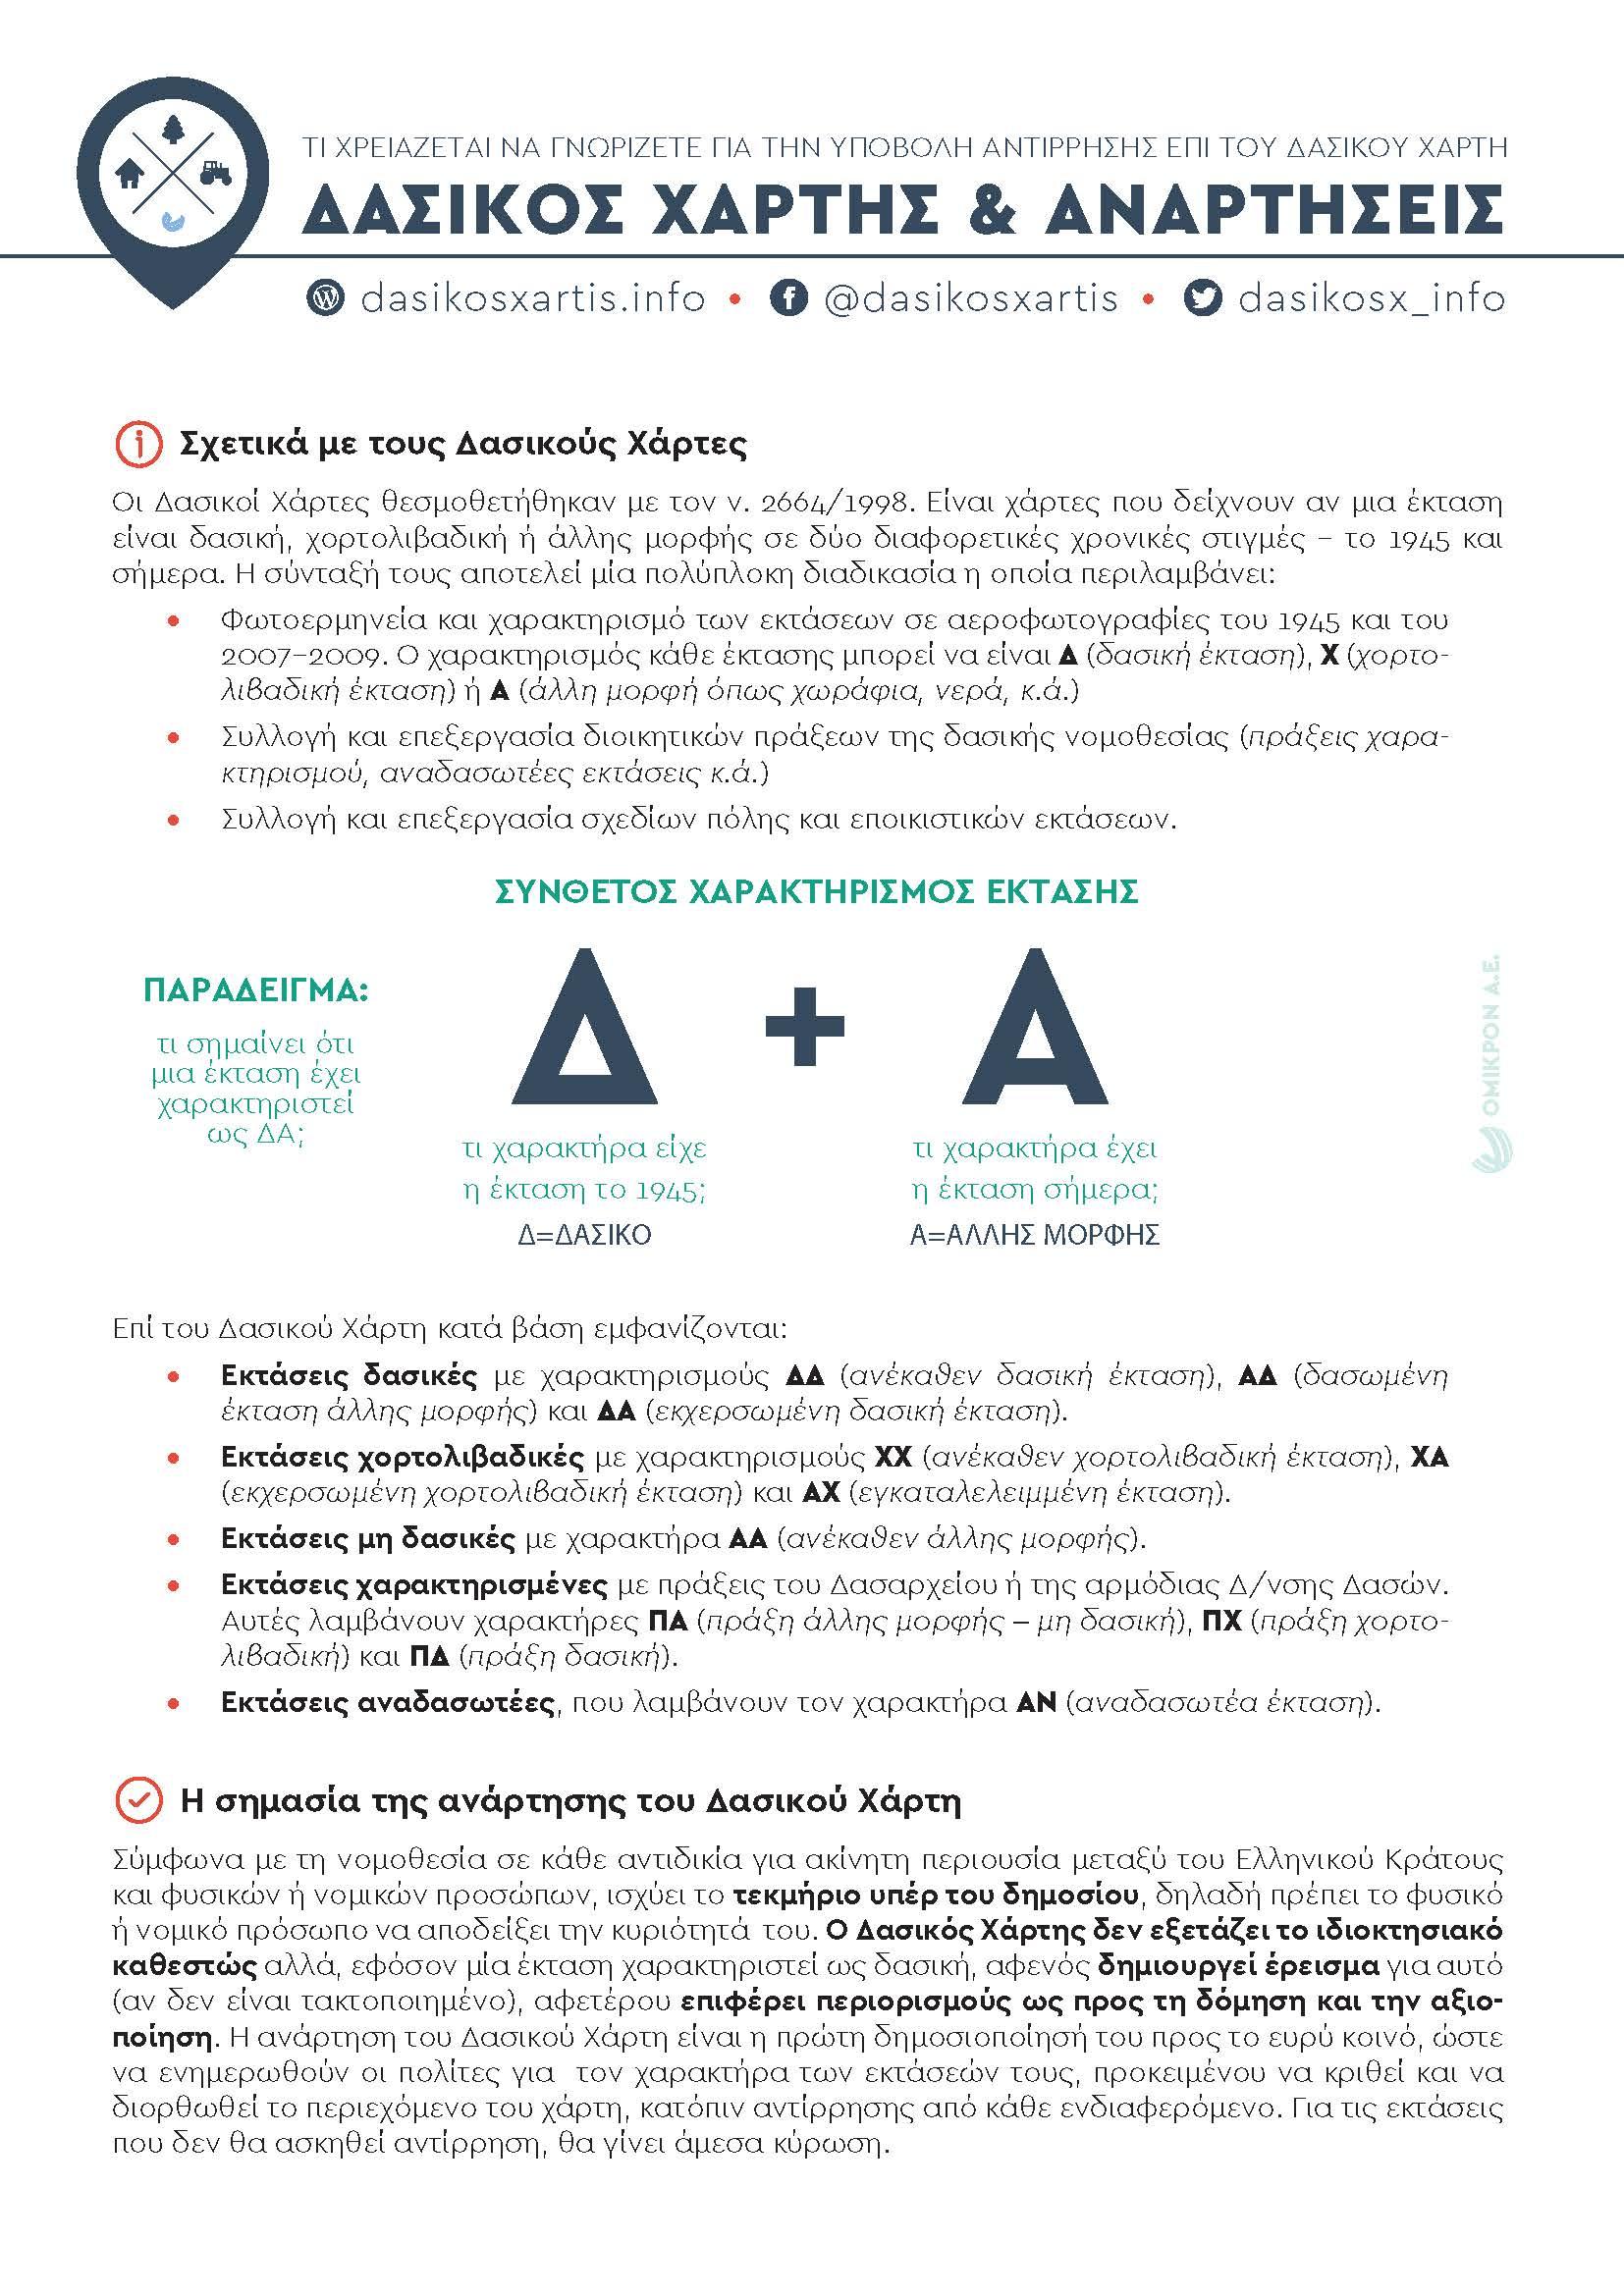 Φυλλάδιο Δασικοί χάρτες και αναρτήσεις - σελίδα 1